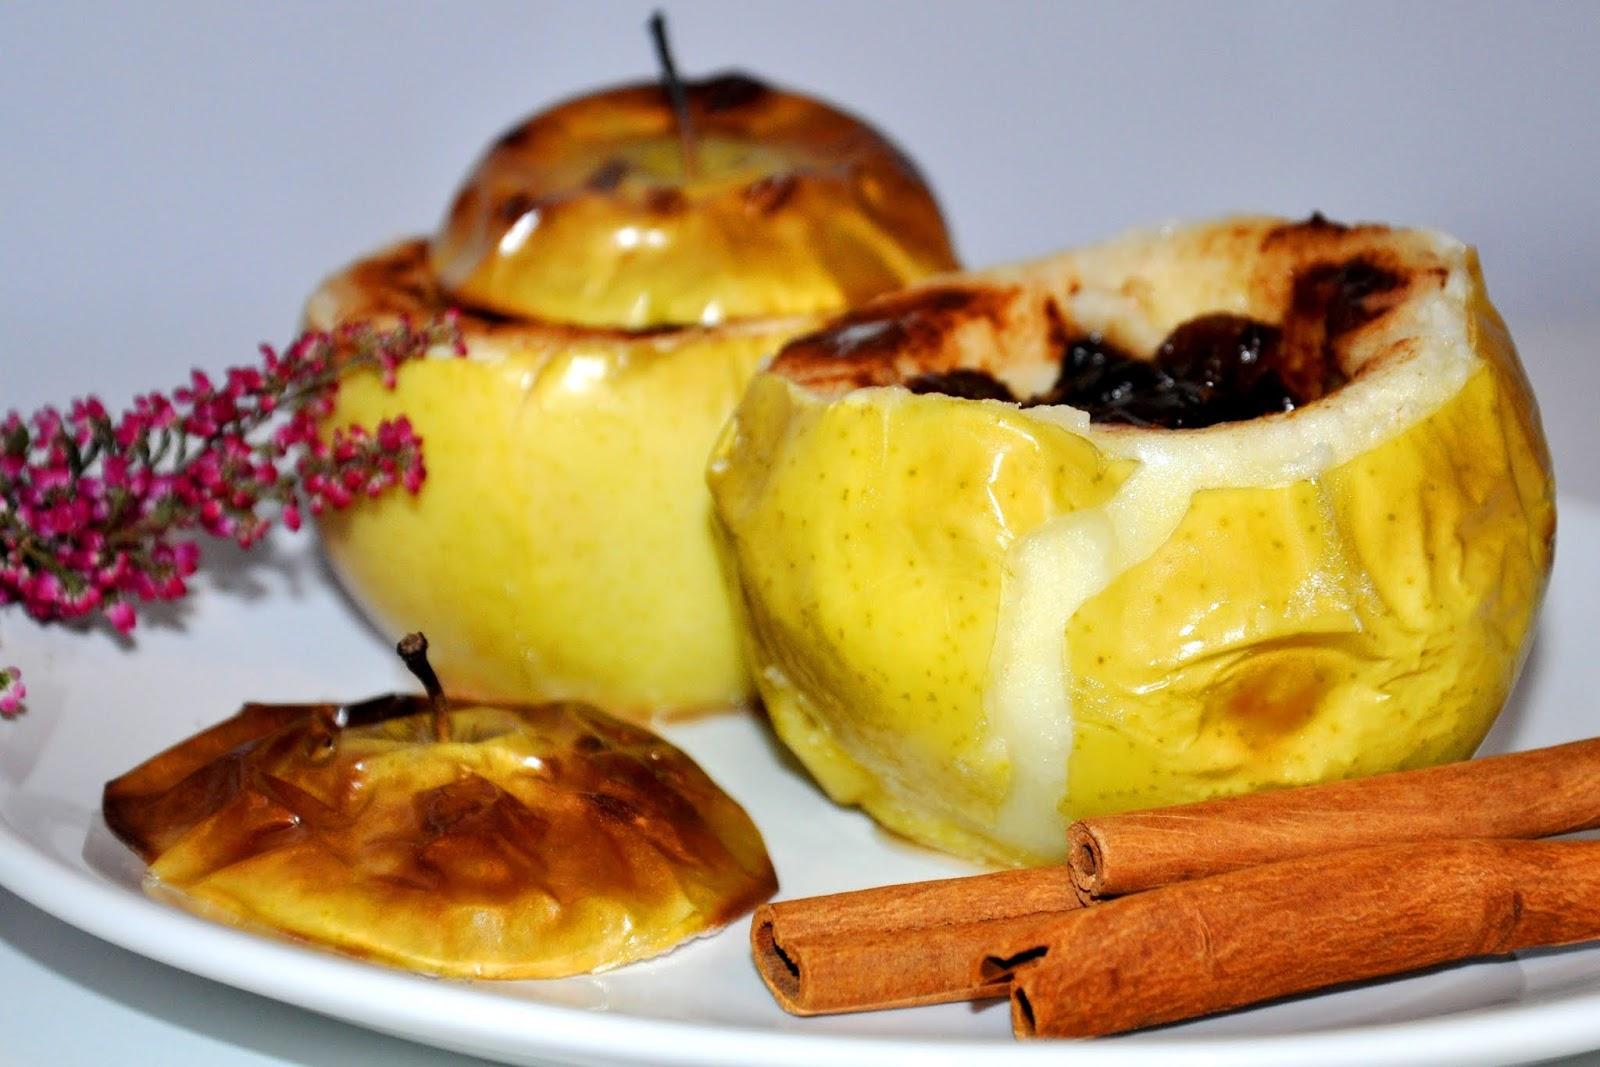 Jesienne smaki - pieczone jabłka z miodem, żurawiną i cynamonem